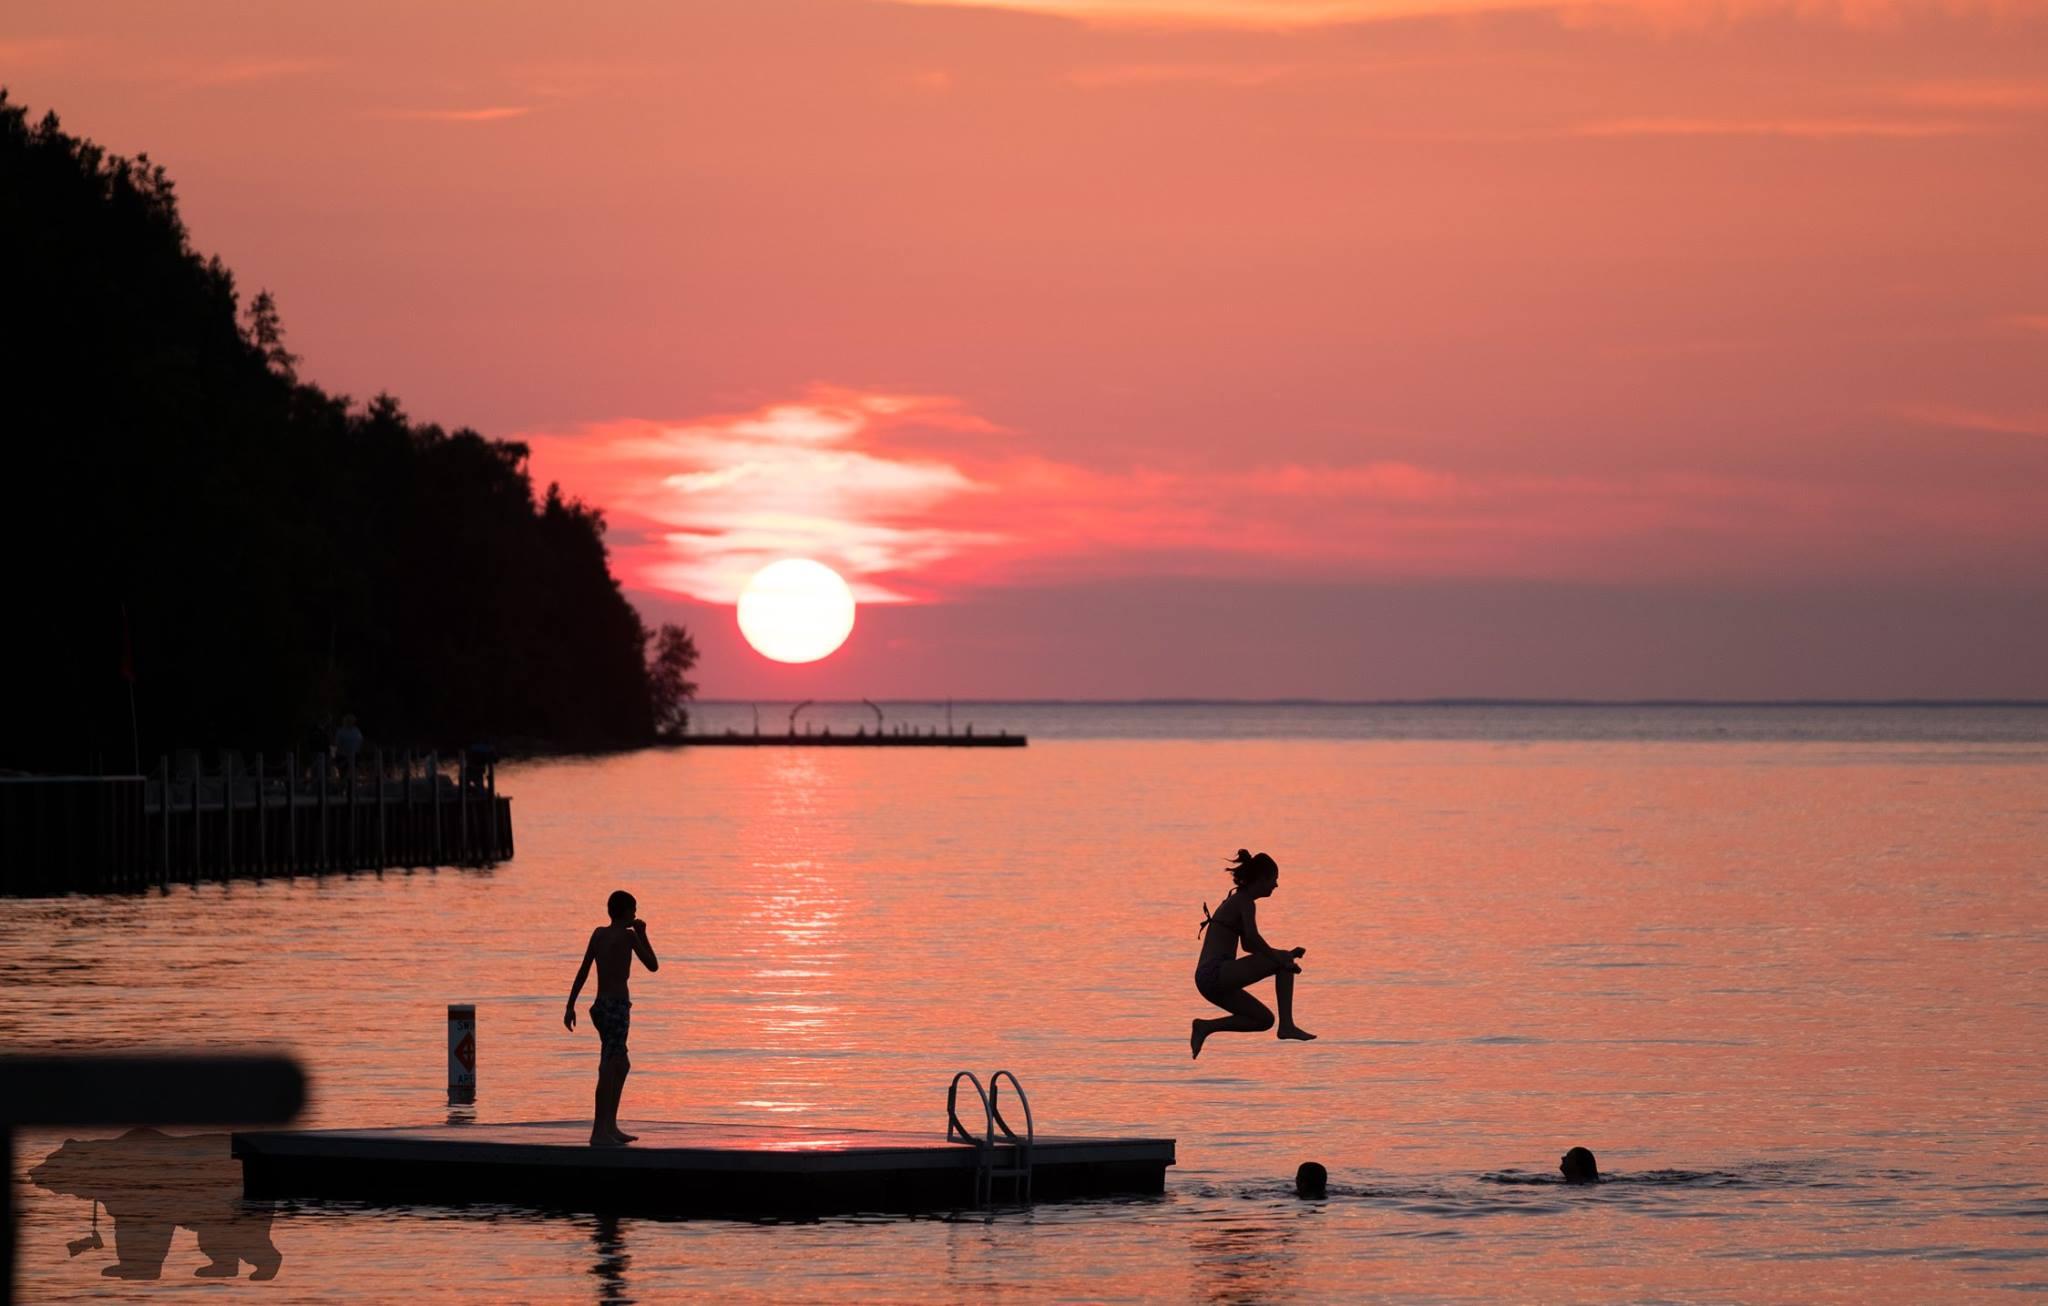 sunset sisbay.jpg